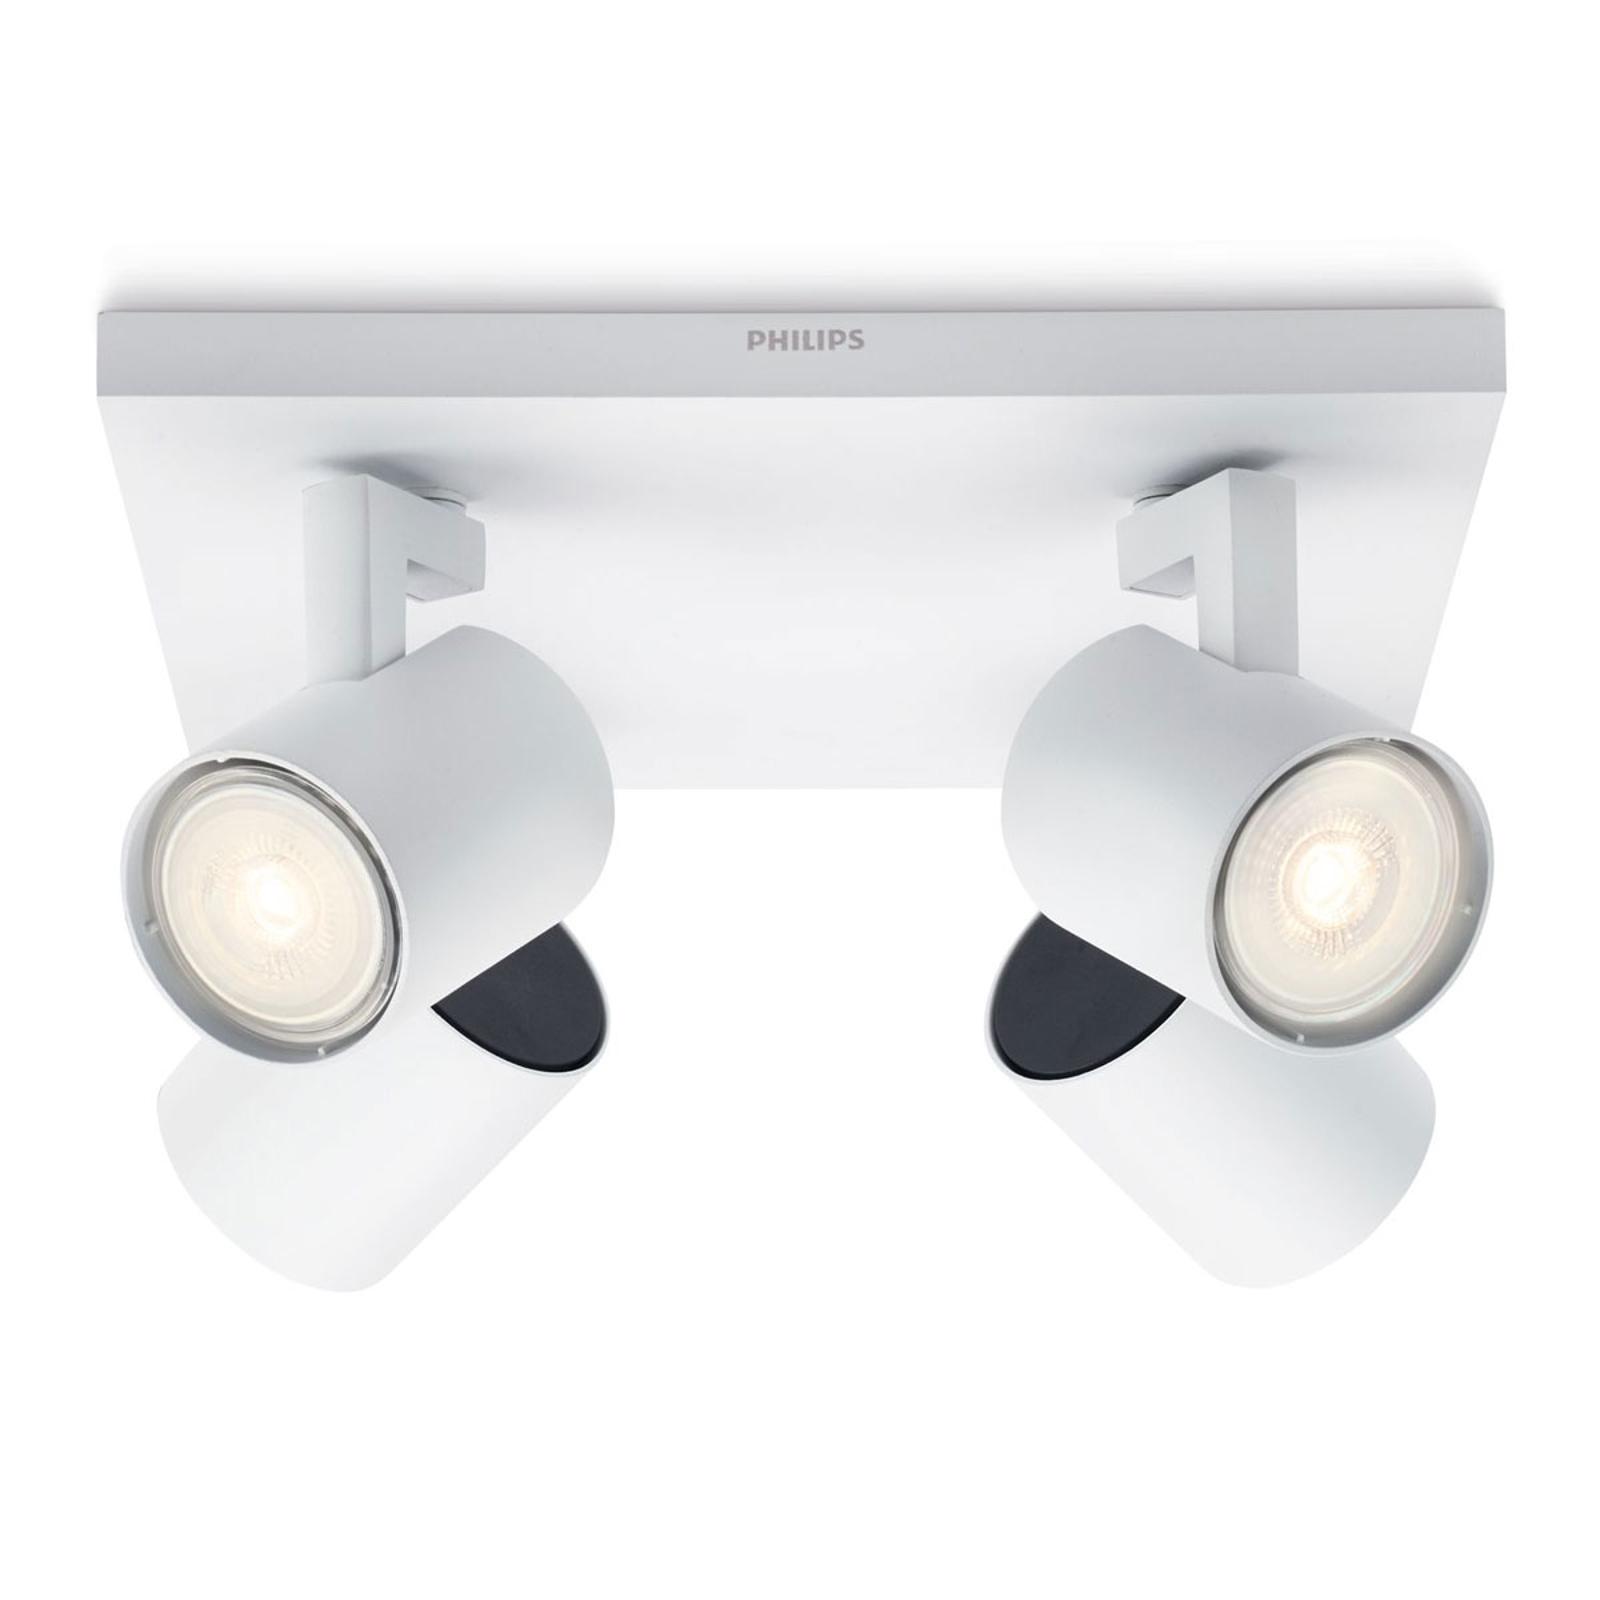 Philips Runner lampa sufitowa LED biała 4-pkt.